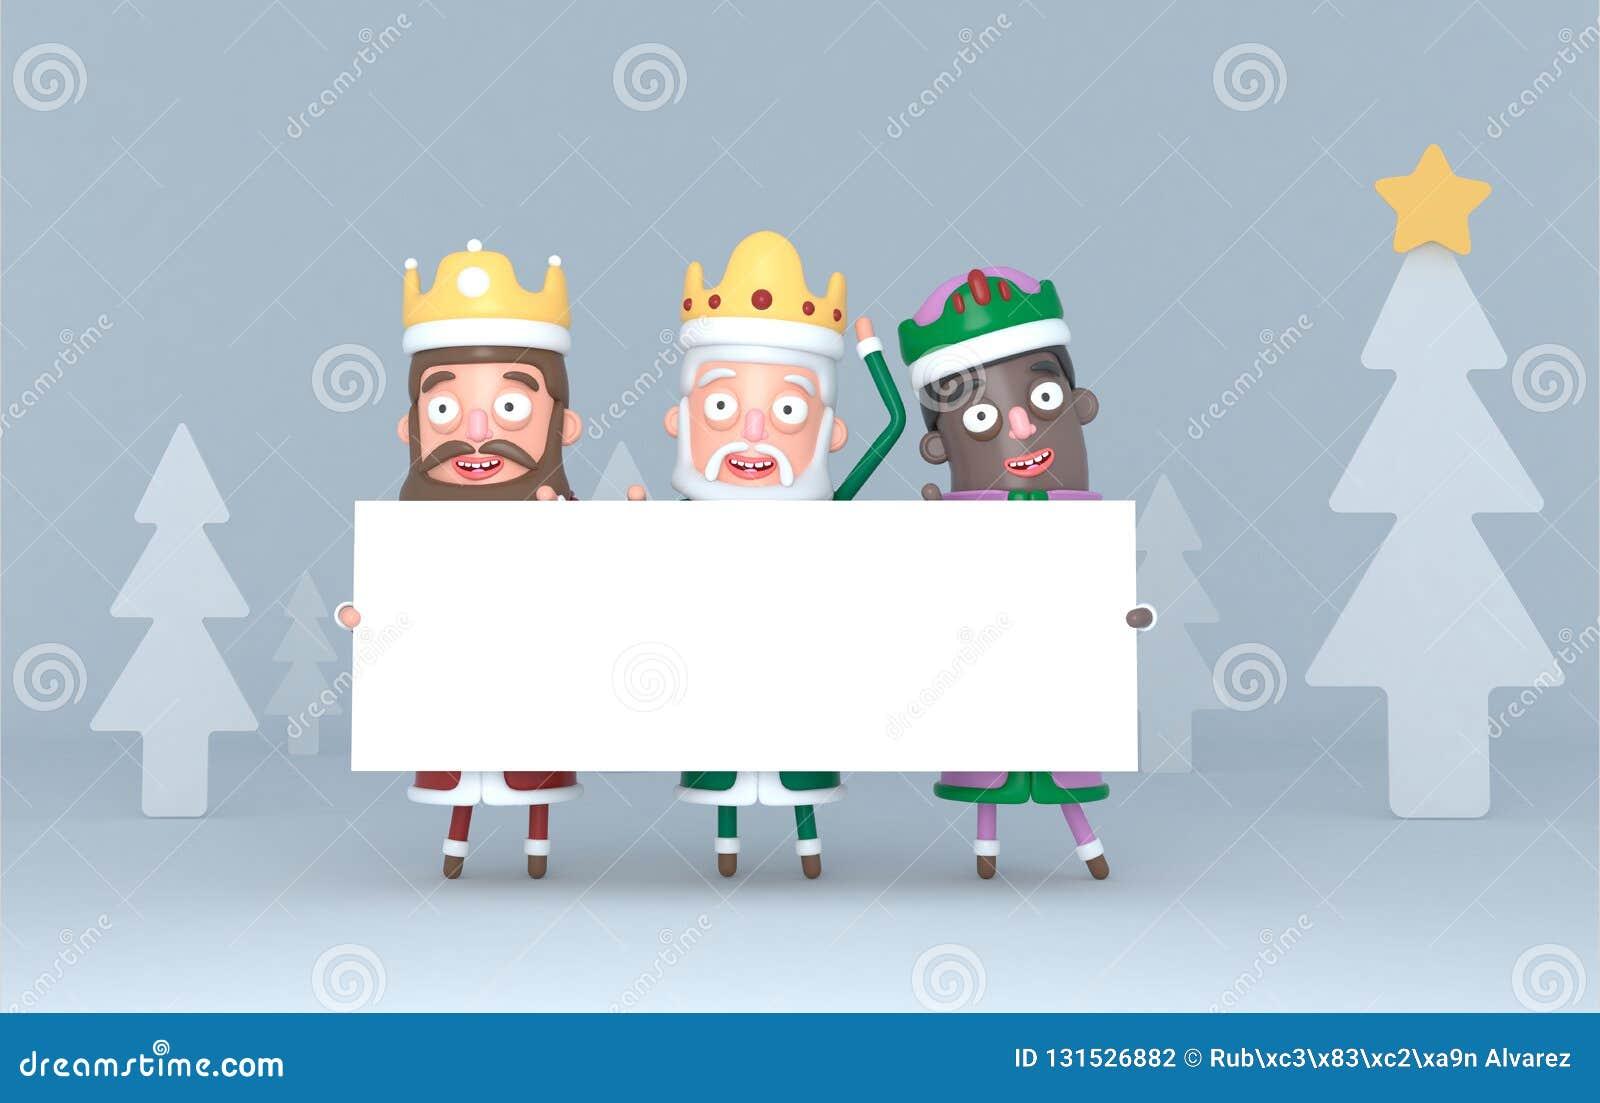 Trzy Magicznego królewiątka trzyma białego plakat Odizolowywający w lesie ilustracja 3 d